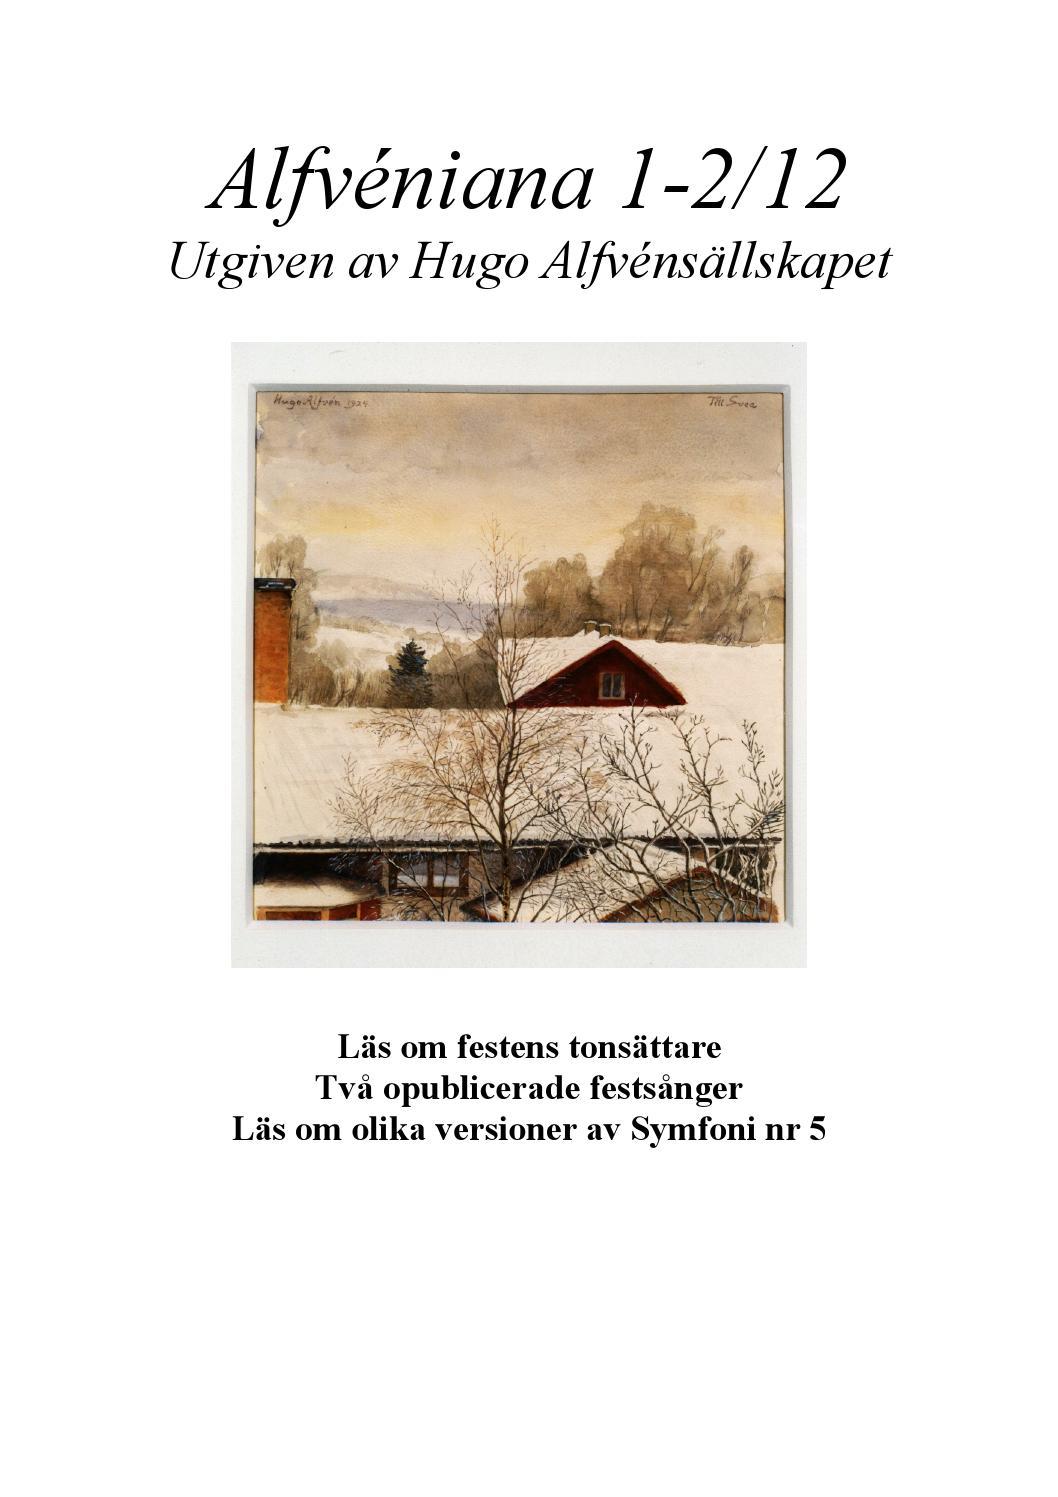 festsånger 50 år Alfven 12 01 02 by Anton Alfvén   issuu festsånger 50 år